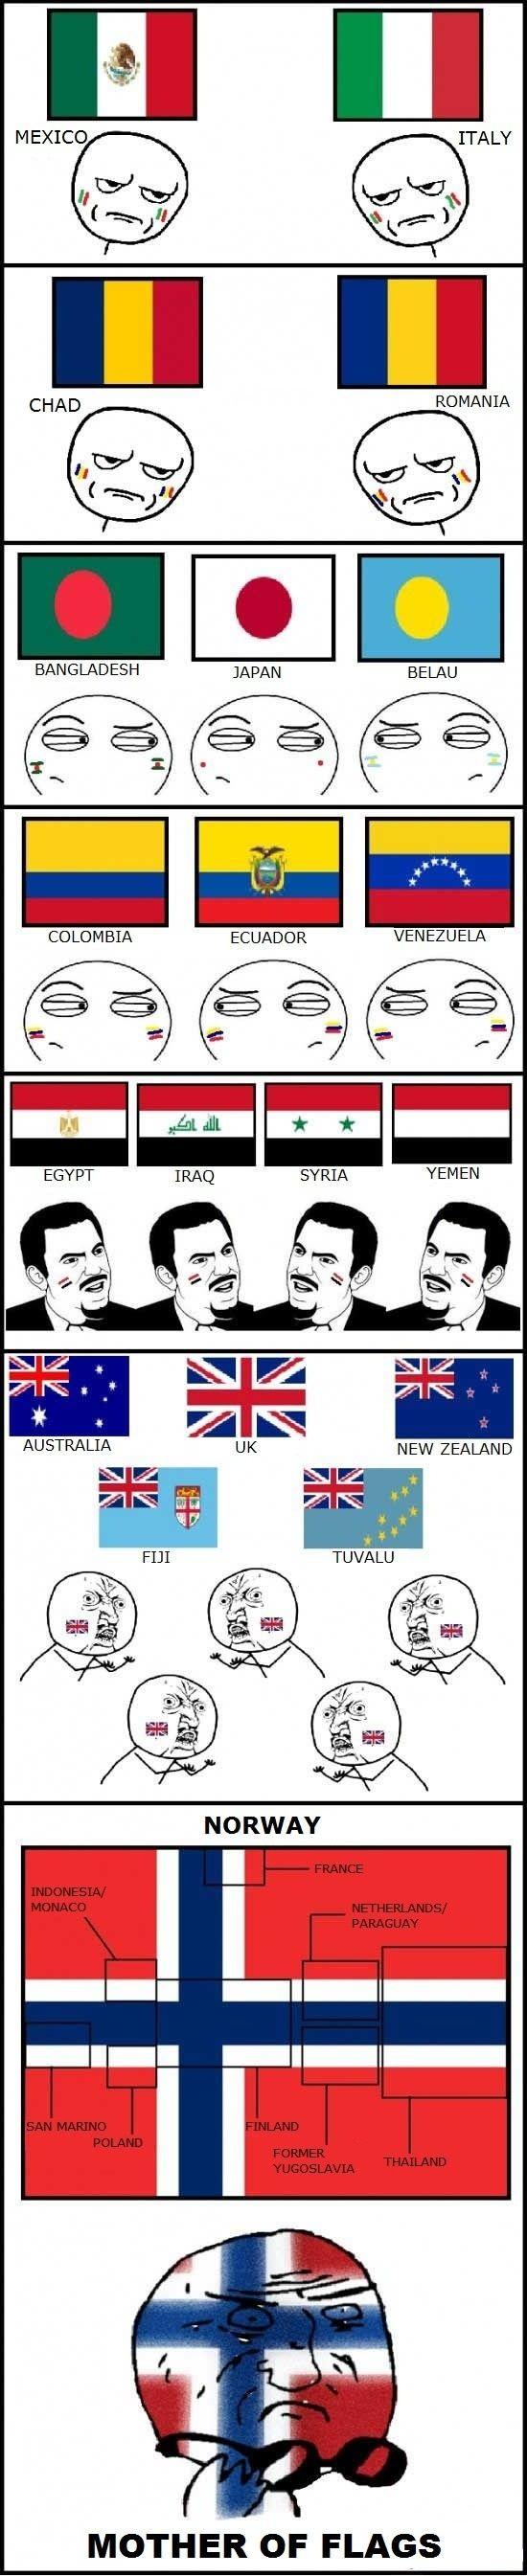 Otros - Banderas y sus parecidos con otras banderas